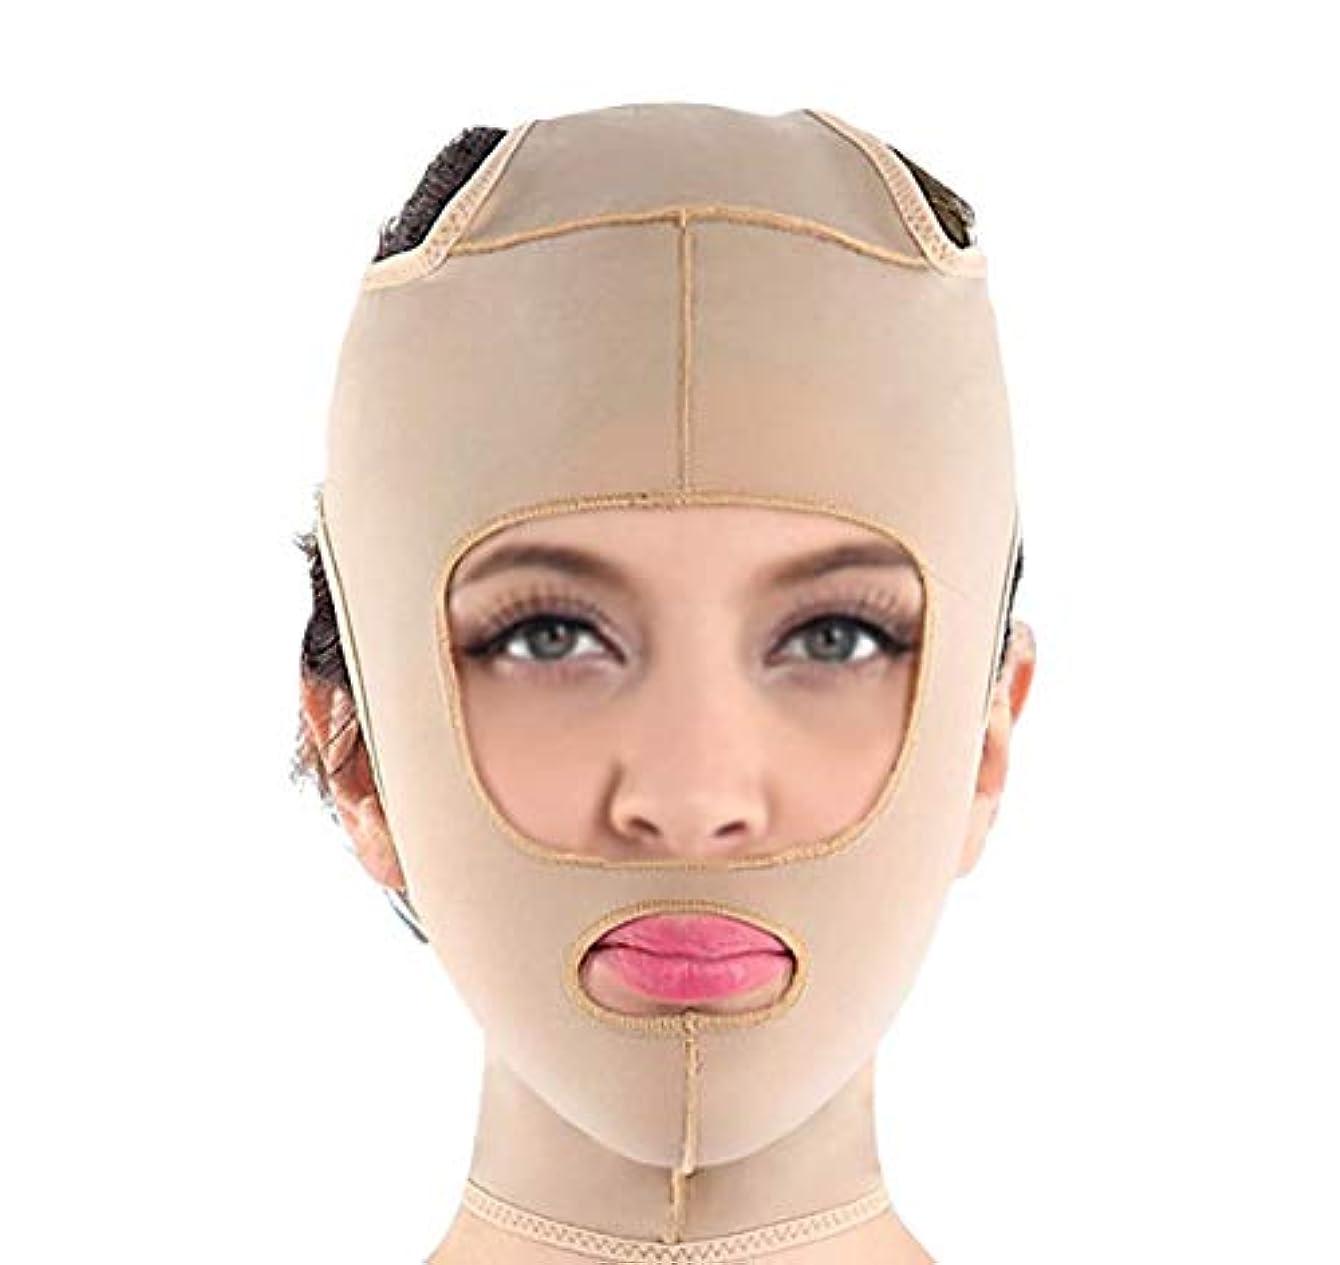 ズボンドリンク試用包帯vフェイス楽器フェイスマスクマジックフェイスフェイシャルフェイシャルフェイシャルマッサージフェイシャルリンクルリフティング引き締めビニールマスク(サイズ:L),Xl